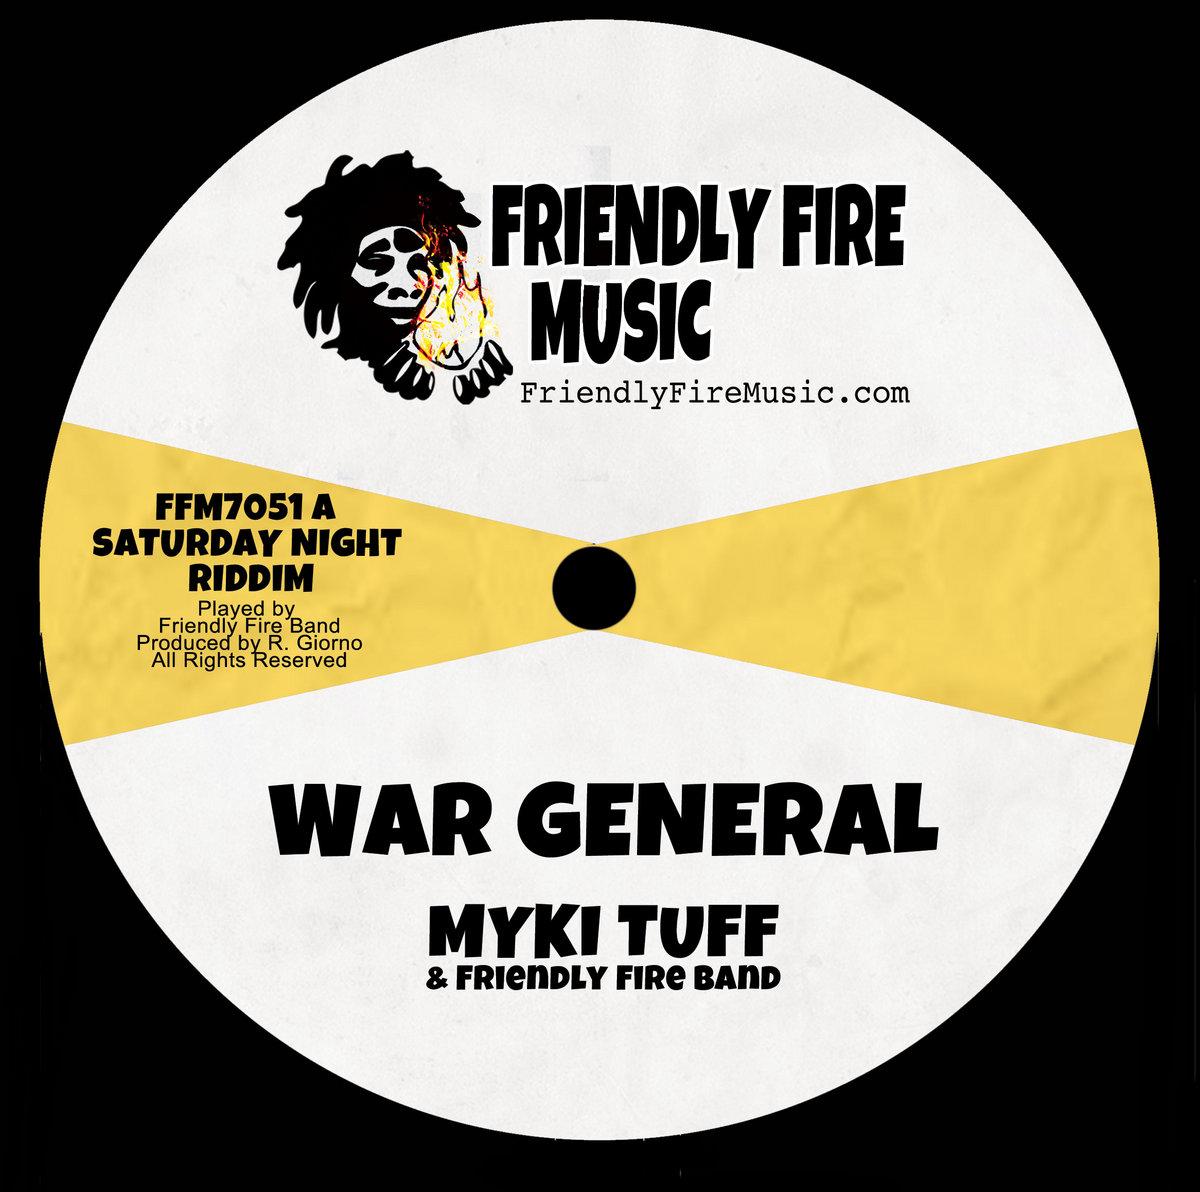 War General | Friendly Fire Music